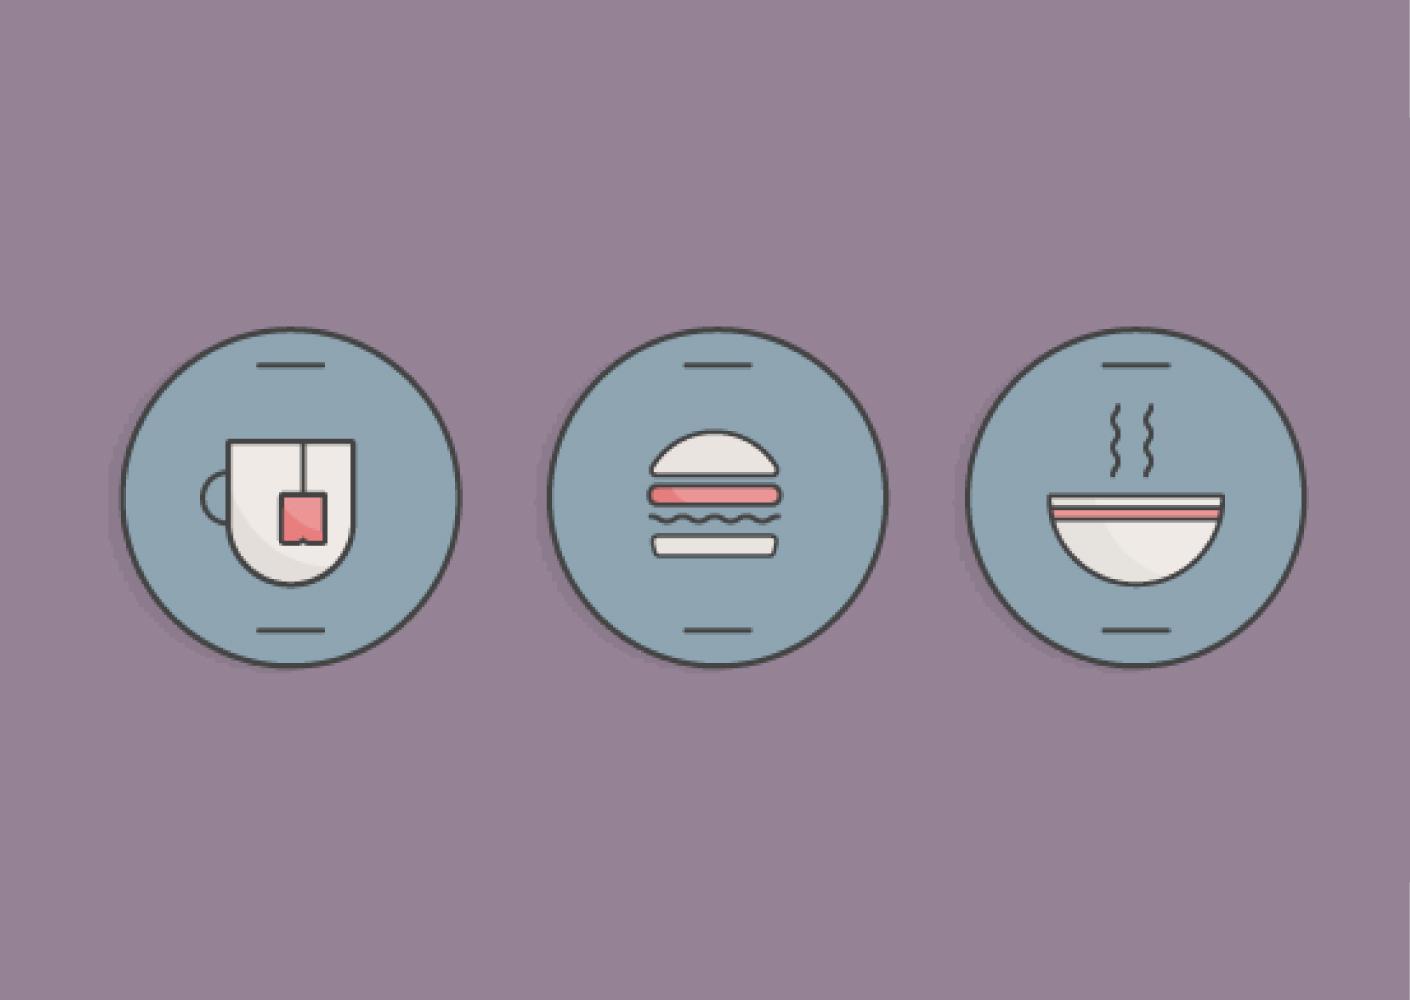 如何在Adobe Illustrator中创建一组简约风格的食物图标